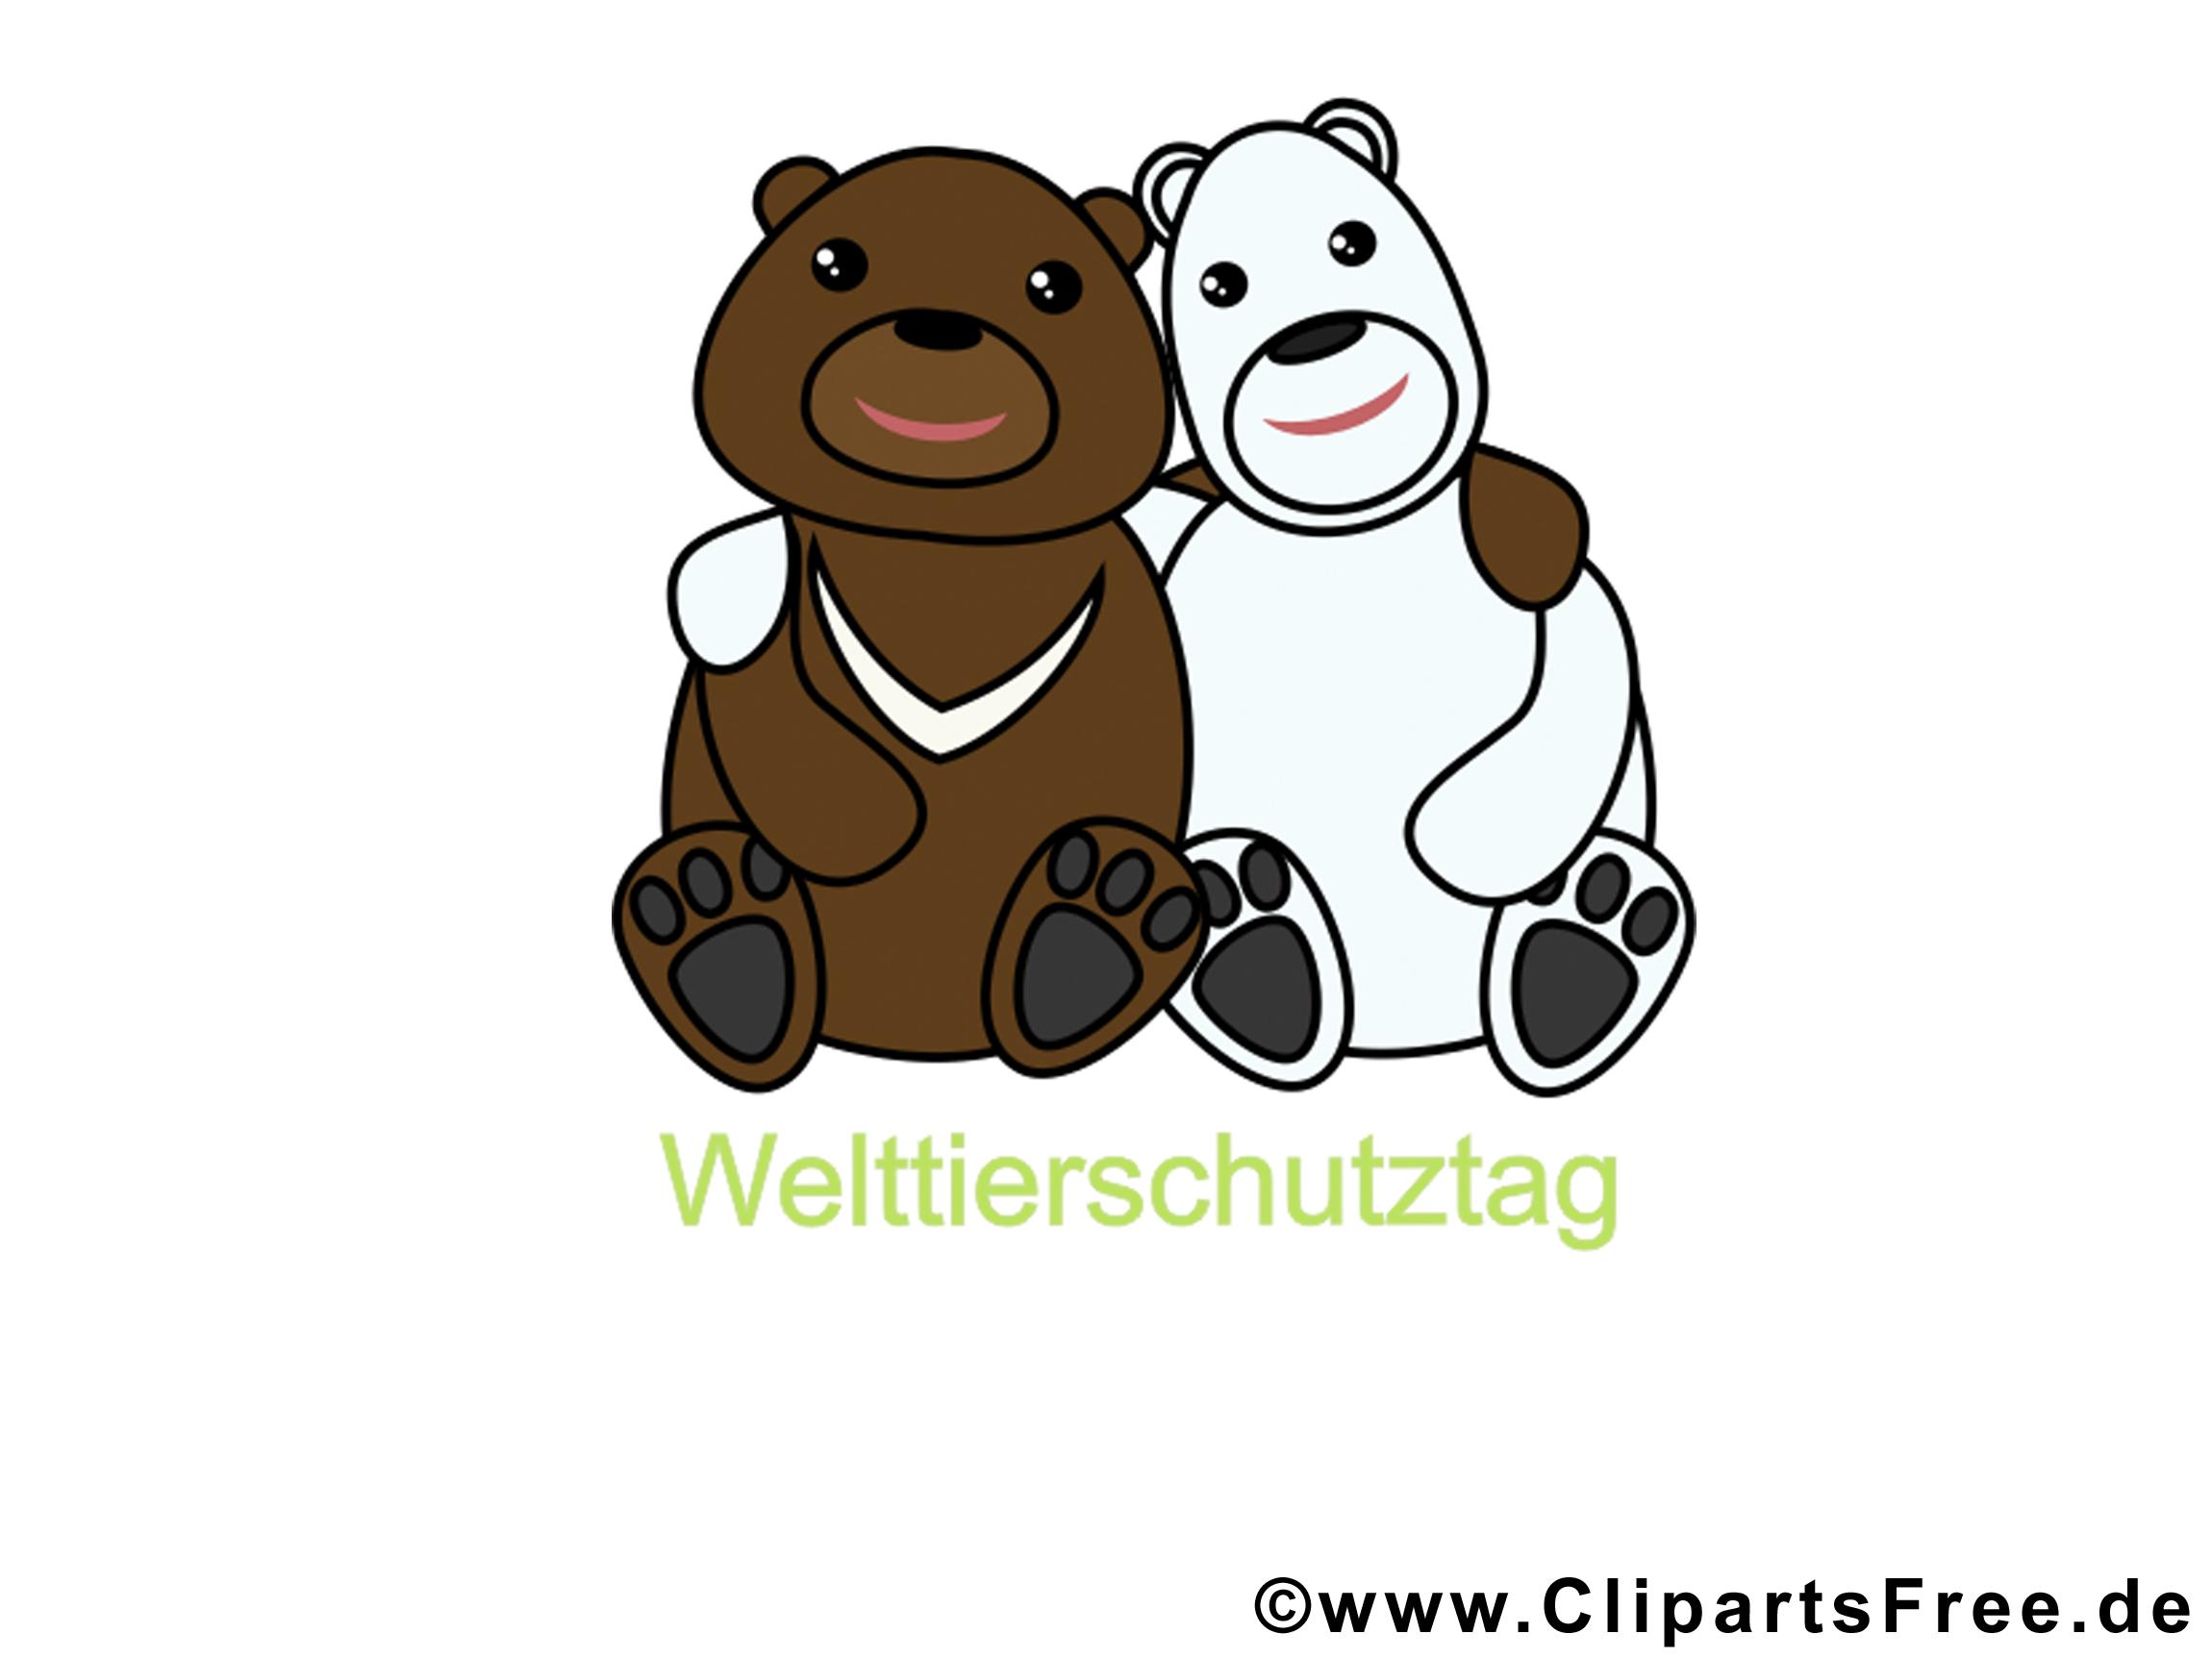 Gratis Clip Art zum Welttierschutztag